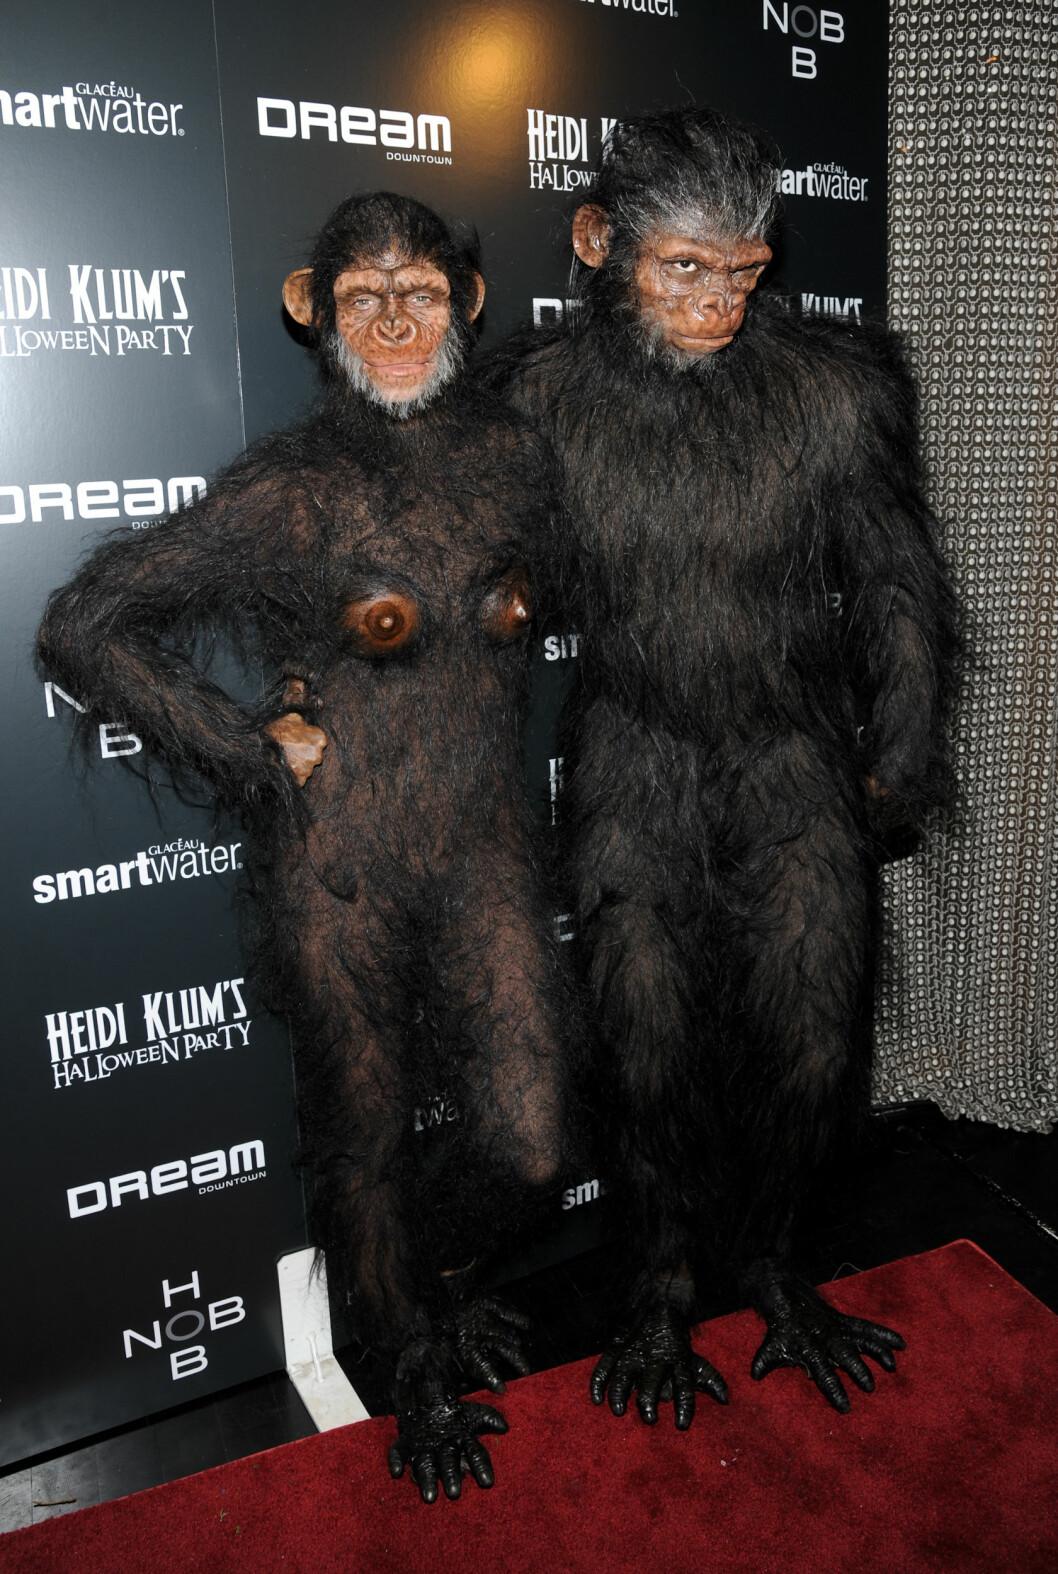 HÅRETE APER: Model Heidi Klum og ektemannen Seal utkledd som apekatter på Halloween-fest. Foto: Ap